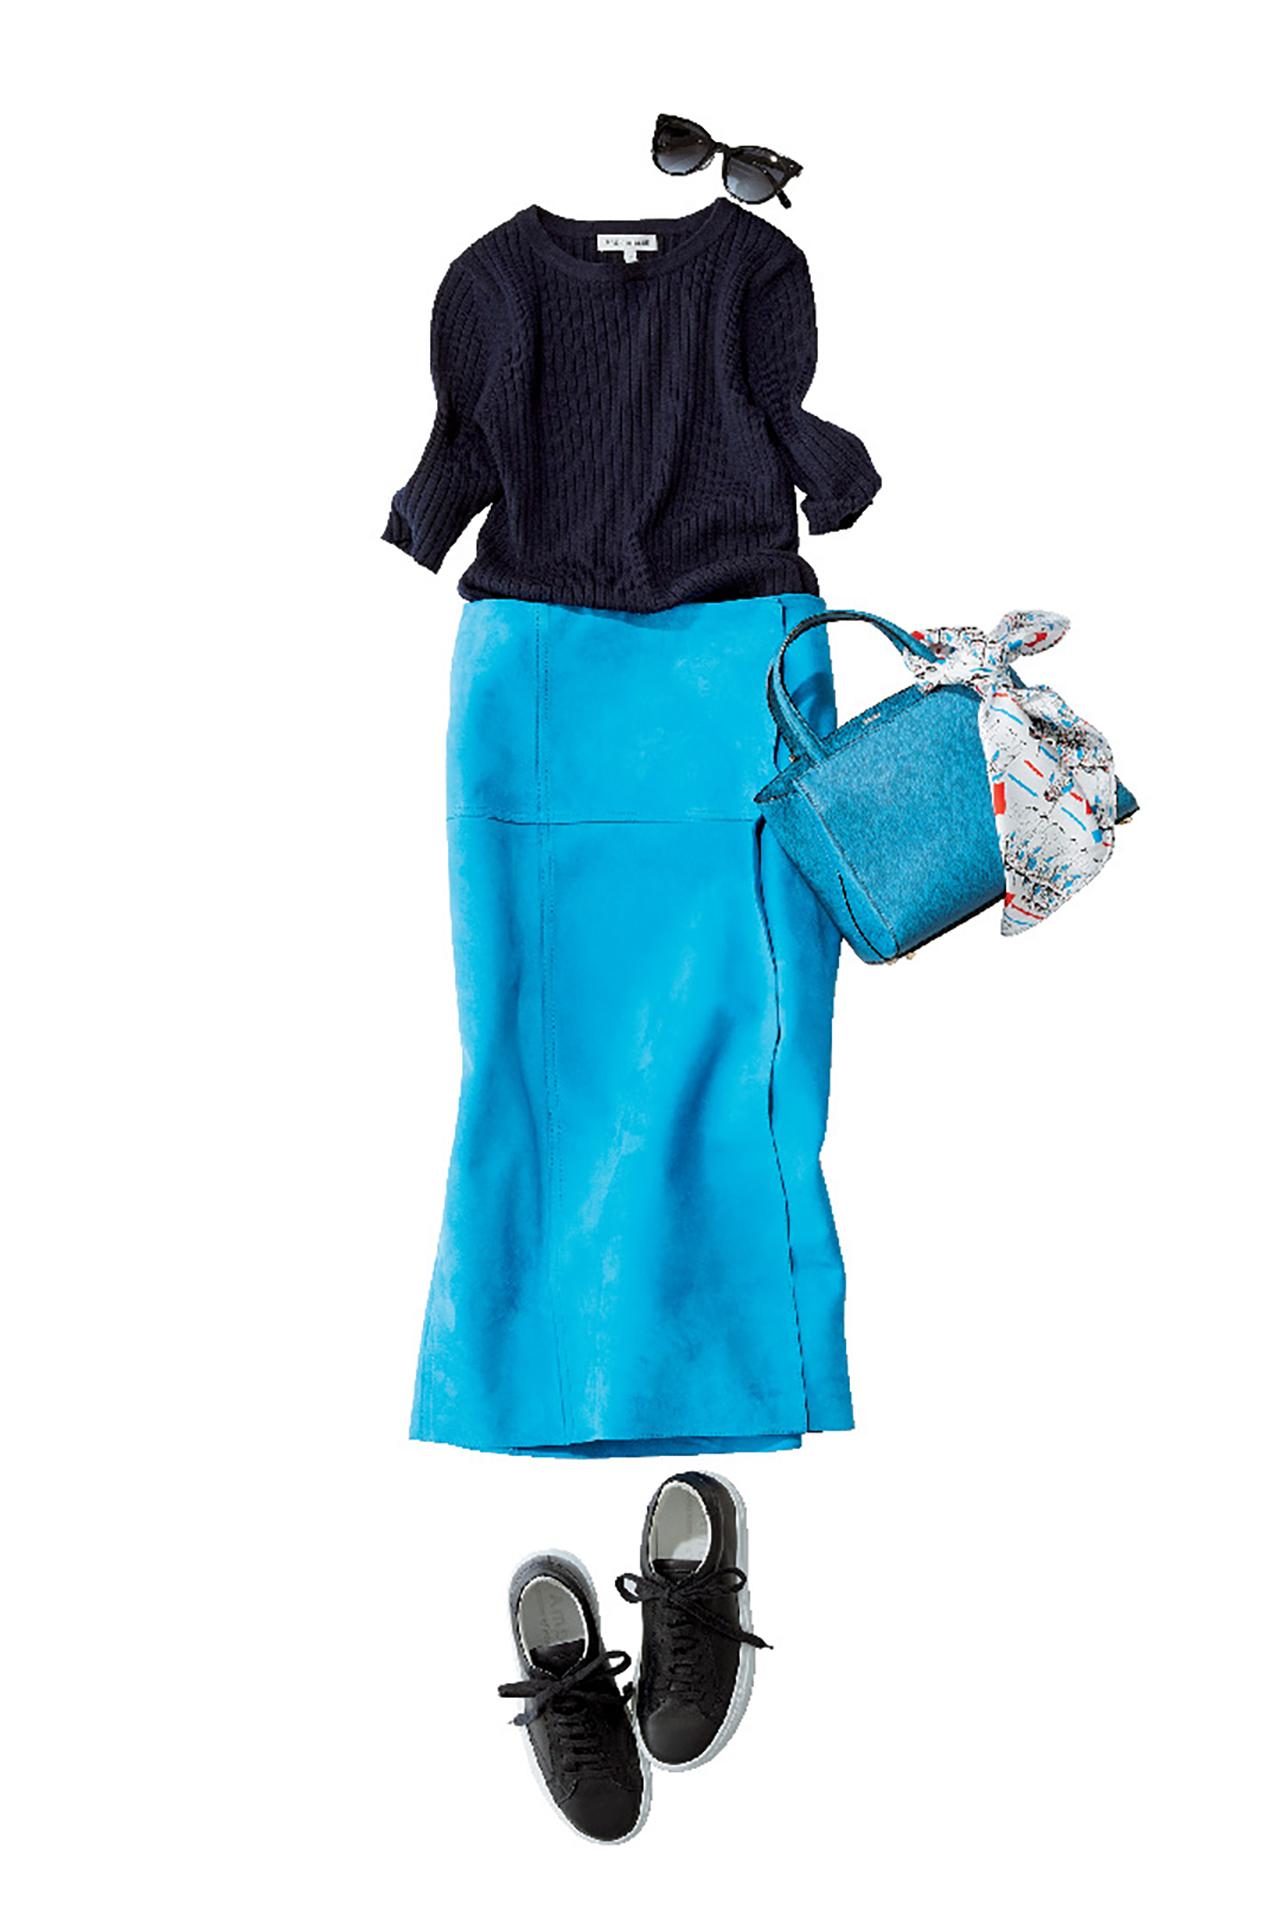 ブルーのスカートは、涼やかな美人感で360度好感度! 五選_1_1-5